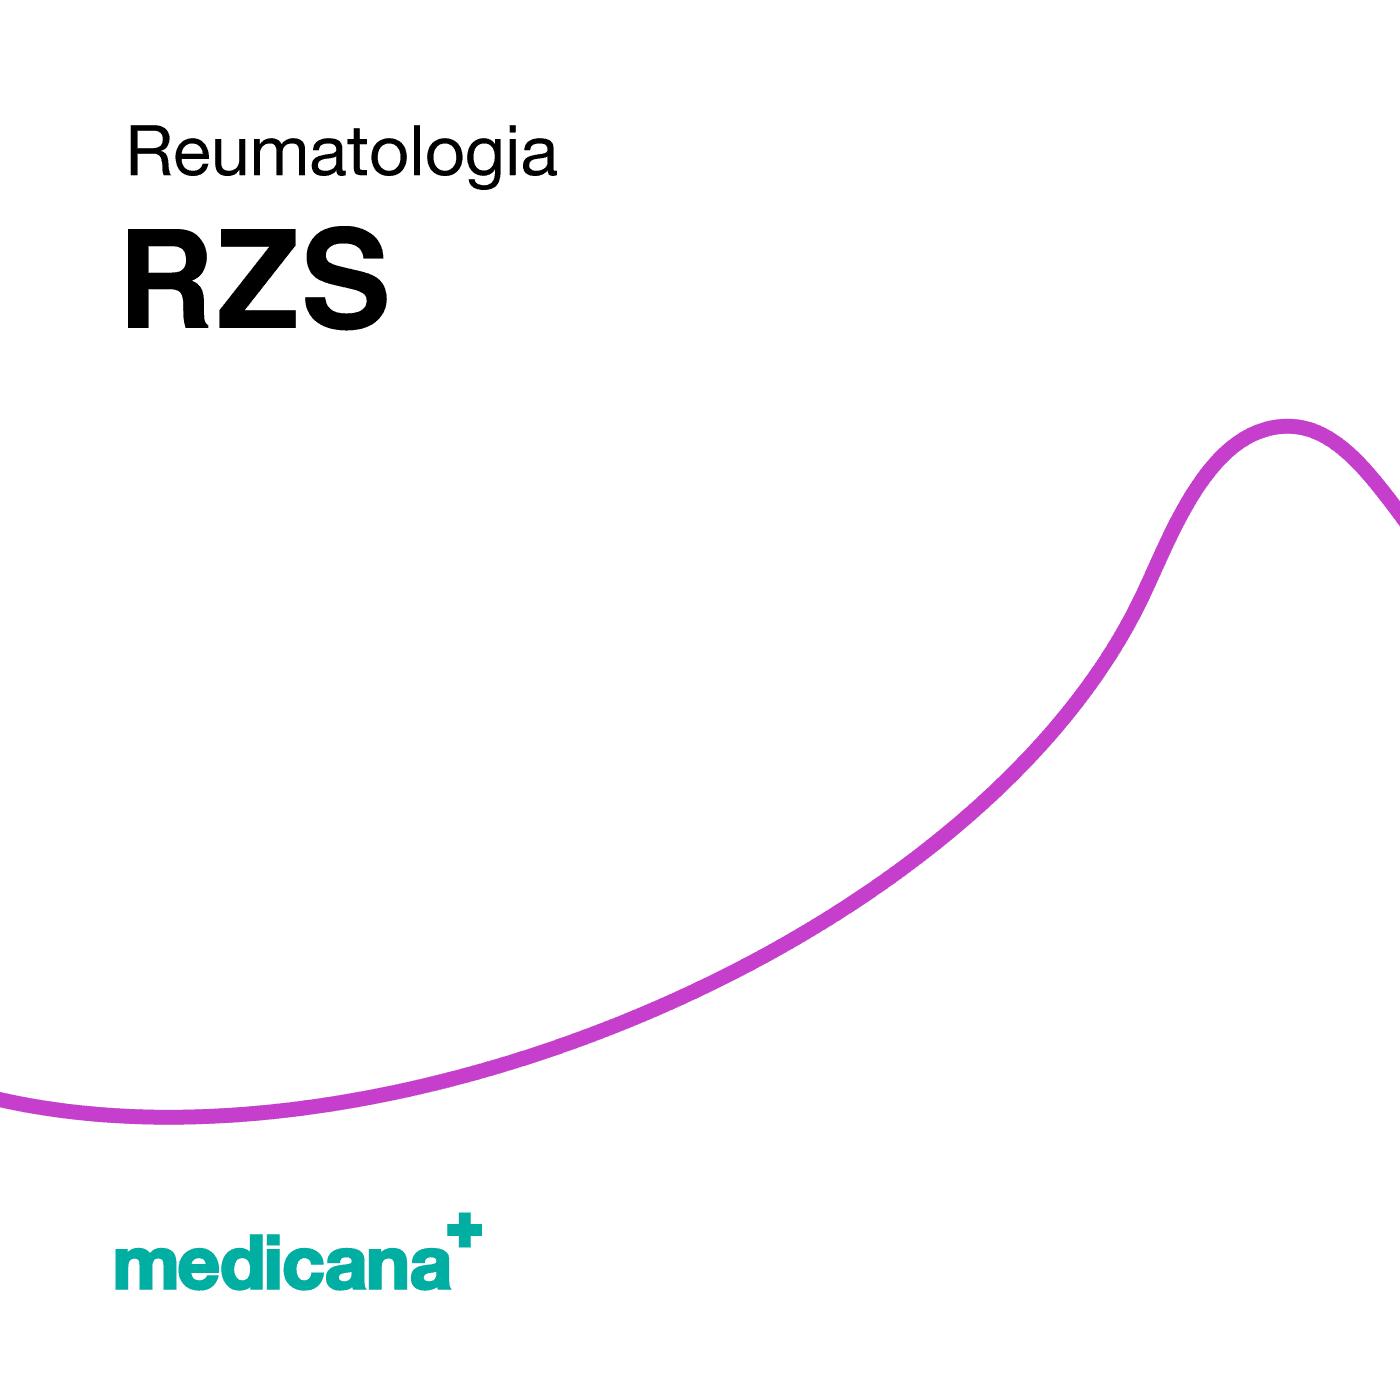 Grafika, białe tło fioletową kreską, czarnym napisem Reumatologia - RZS oraz zielonym logo Medicana w lewym dolnym rogu.